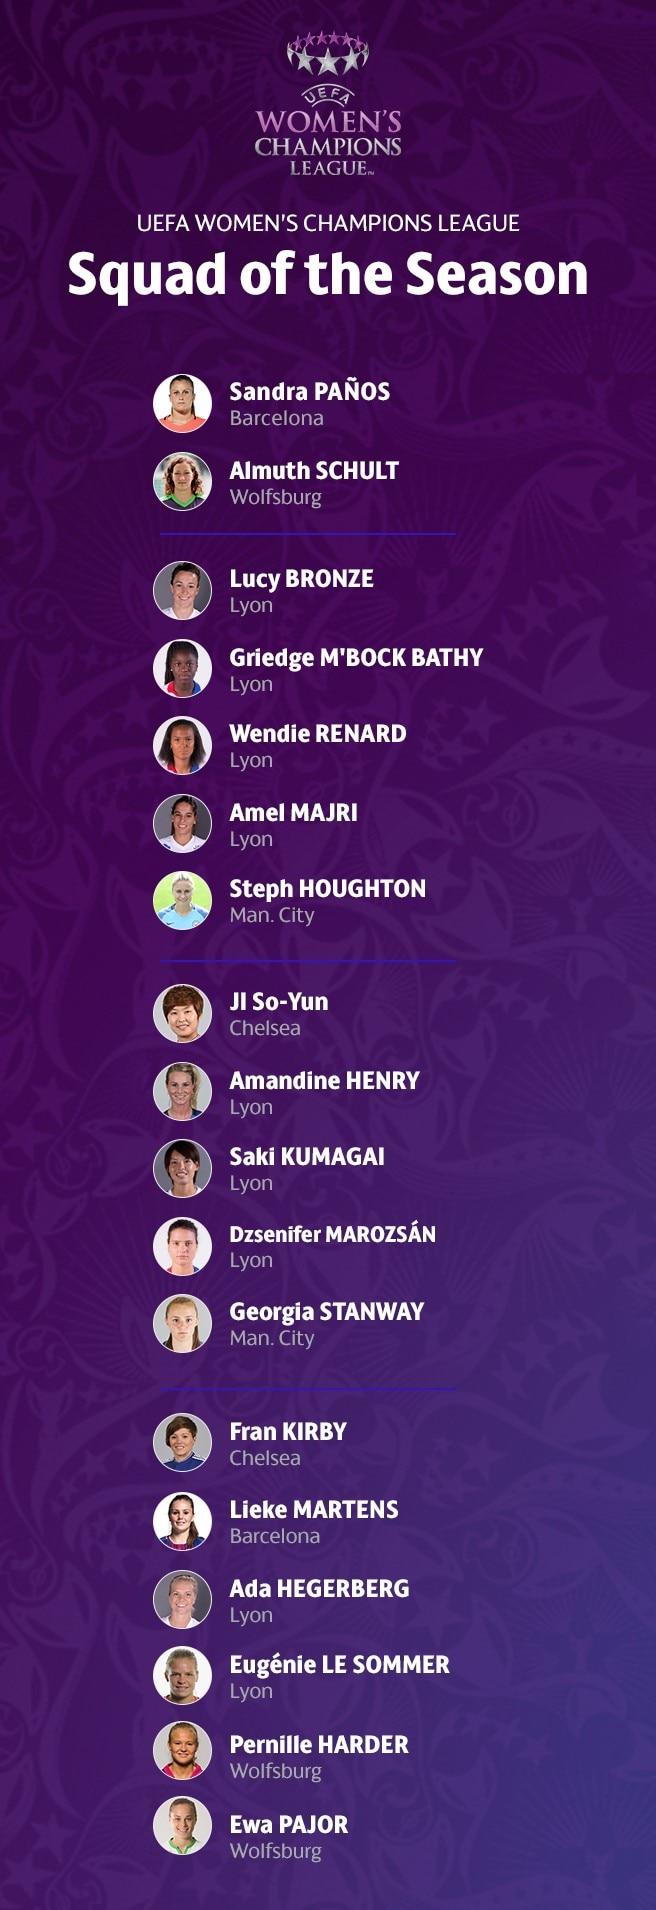 UEFA Women's Champions League : l'Équipe de la Saison 2017/18